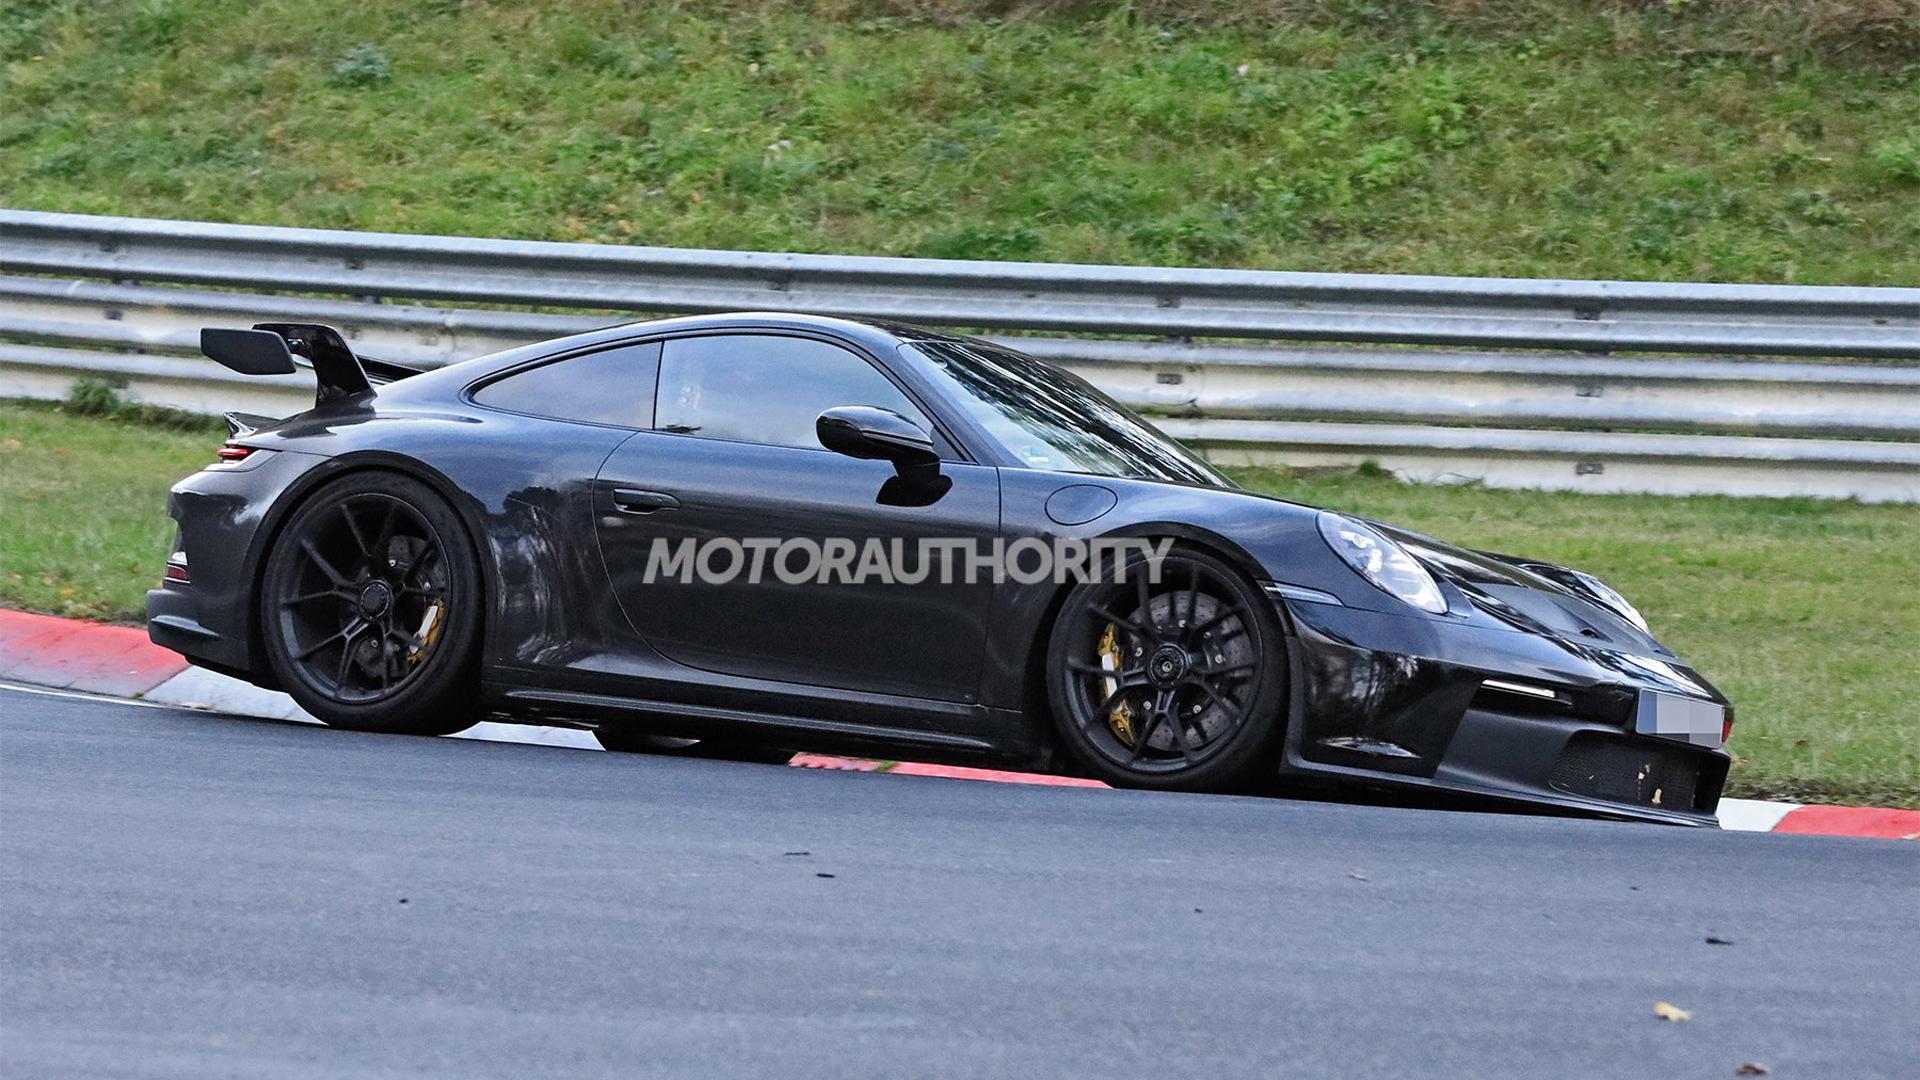 2021 Porsche 911 GT3 spy shots - Photo credit:S. Baldauf/SB-Medien